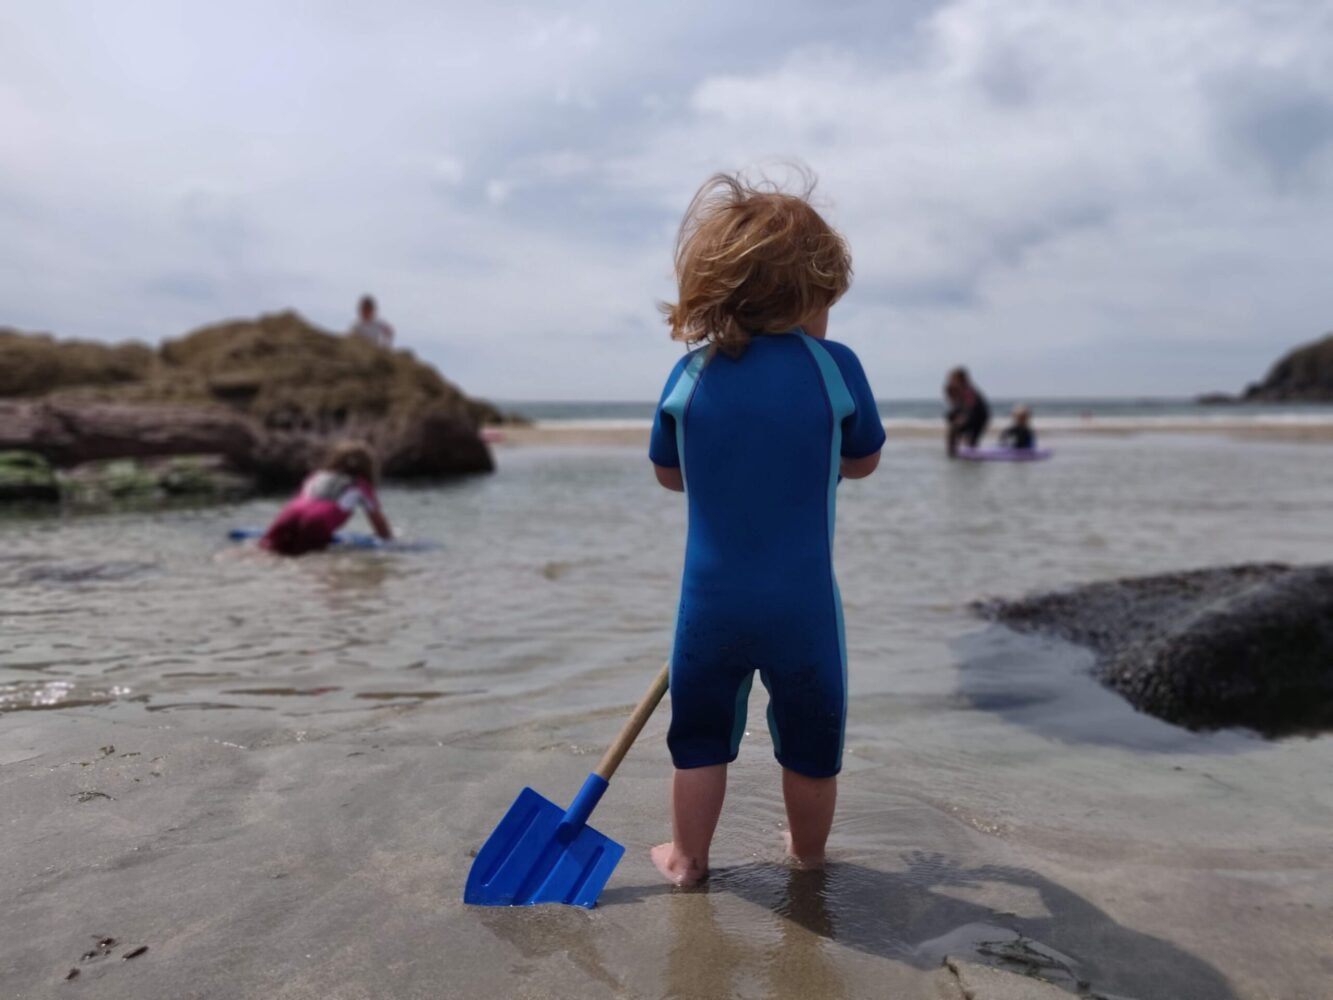 Het Gezinsleven - Moeder en Kind - Moeders - Zonbescherming voor kinderen - Jongen speelt in UV-werende kleding op het strand